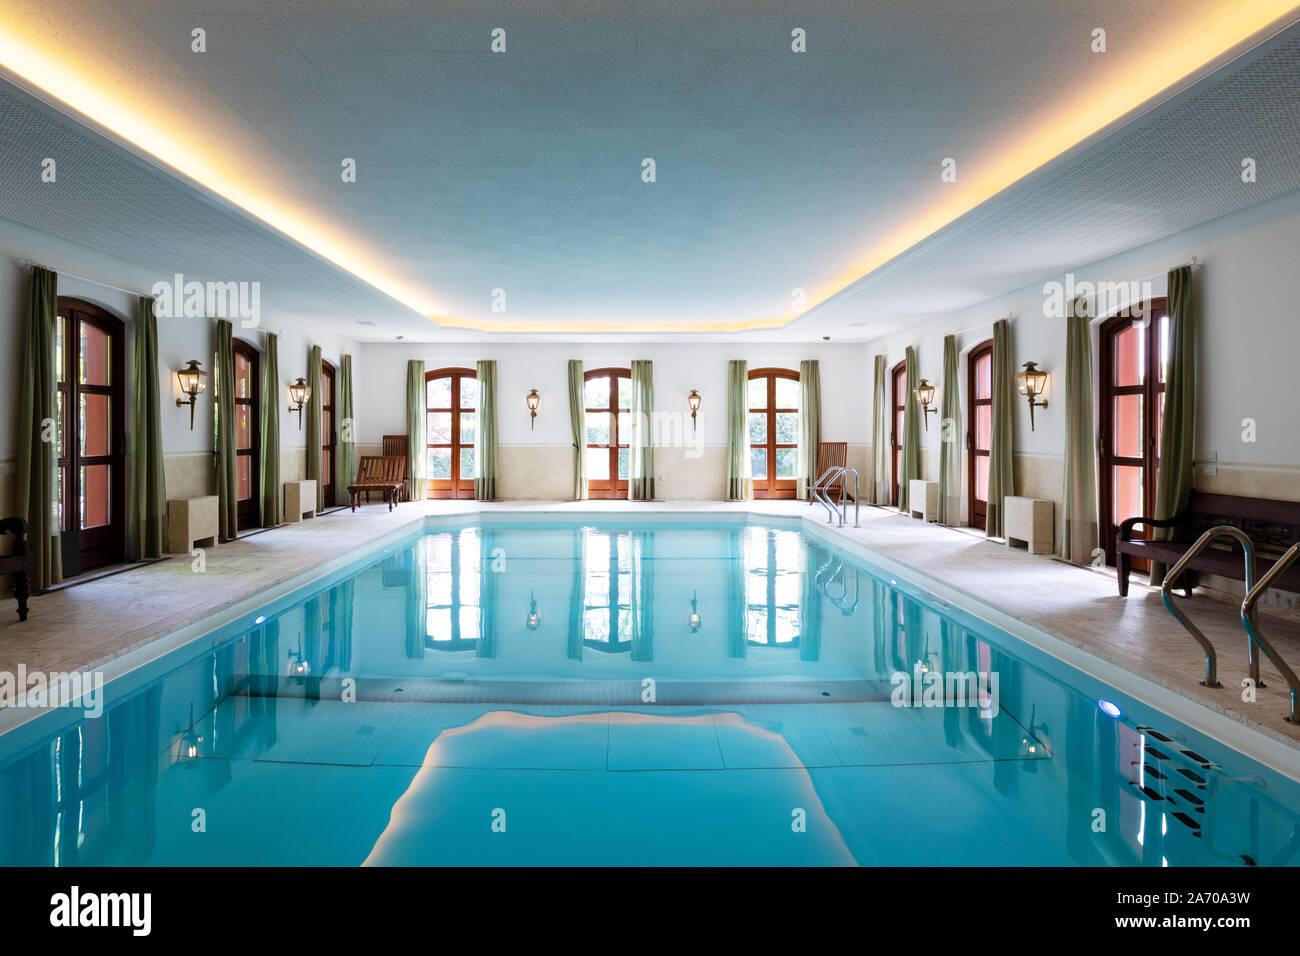 Piscine Interieure Dans Une Villa De Luxe Privee Personne A L